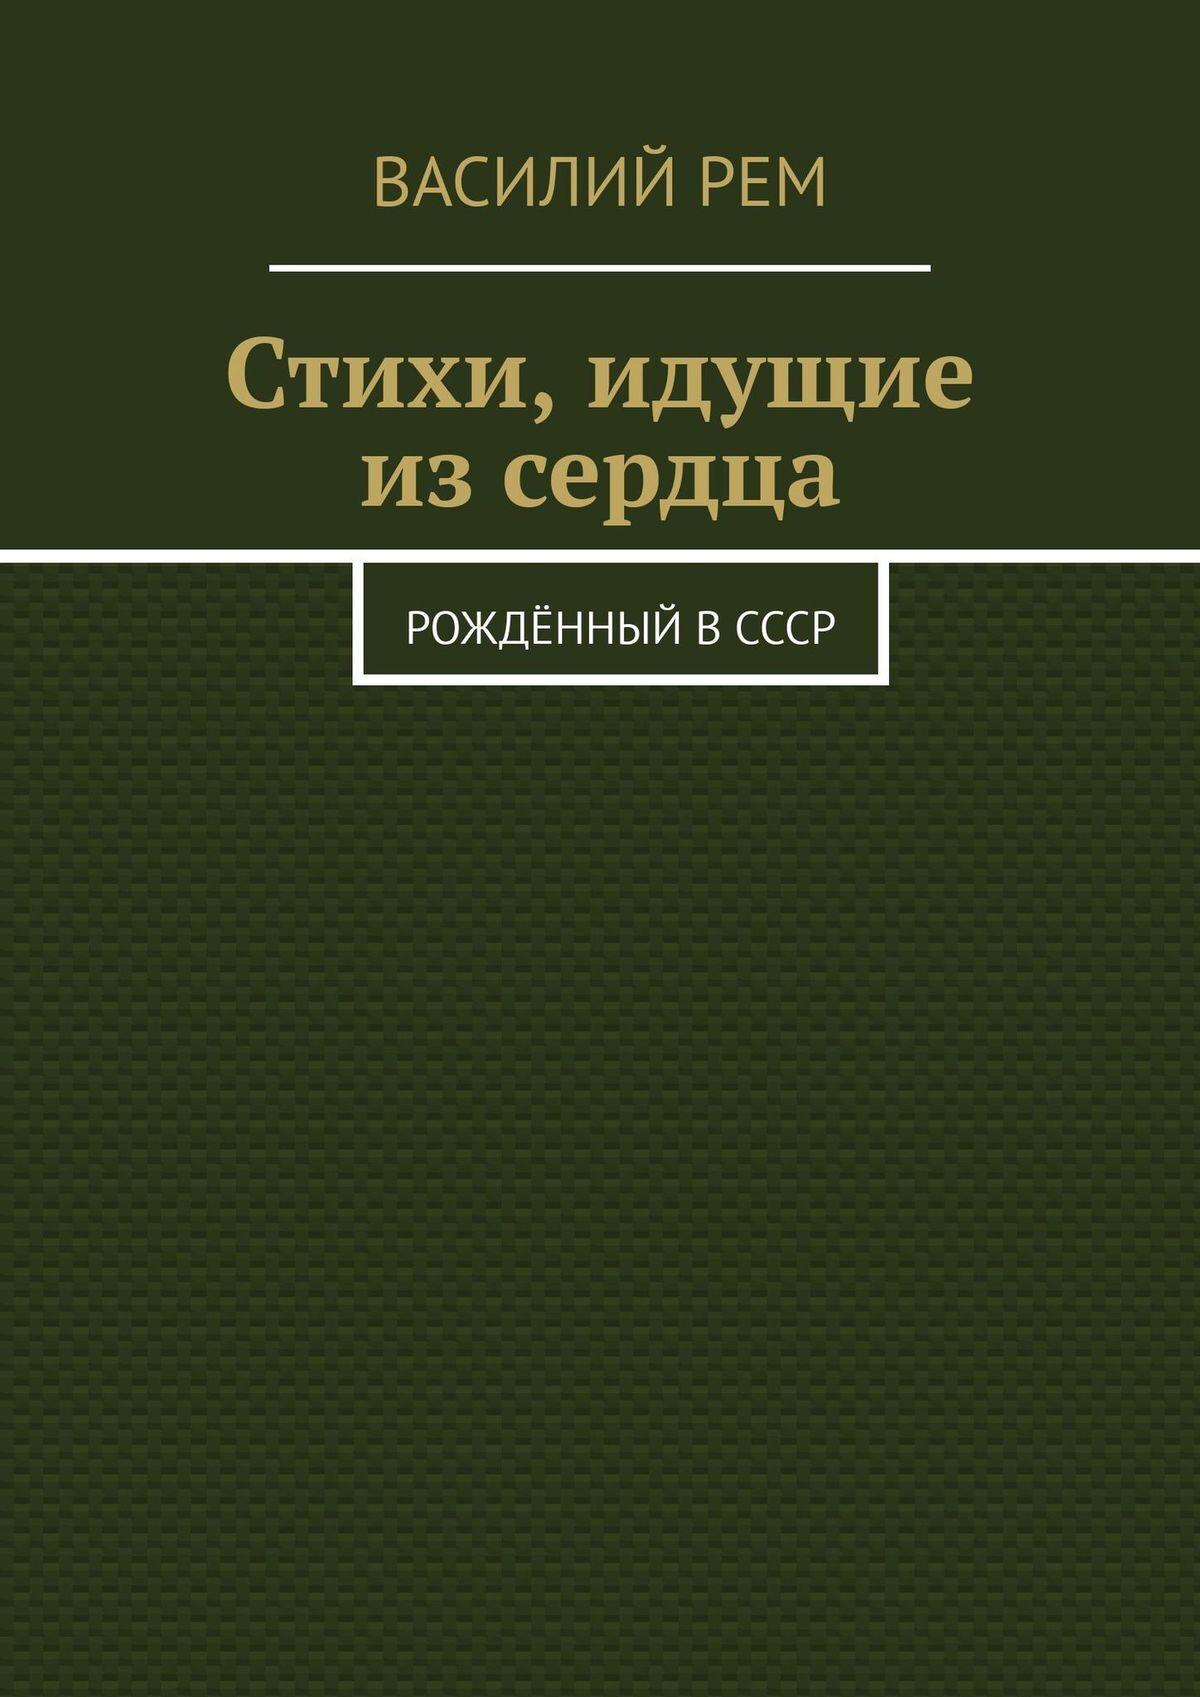 Василий Рем Стихи, идущие изсердца. Рождённый вСССР василий рем стихи длявсех рожденный вссср